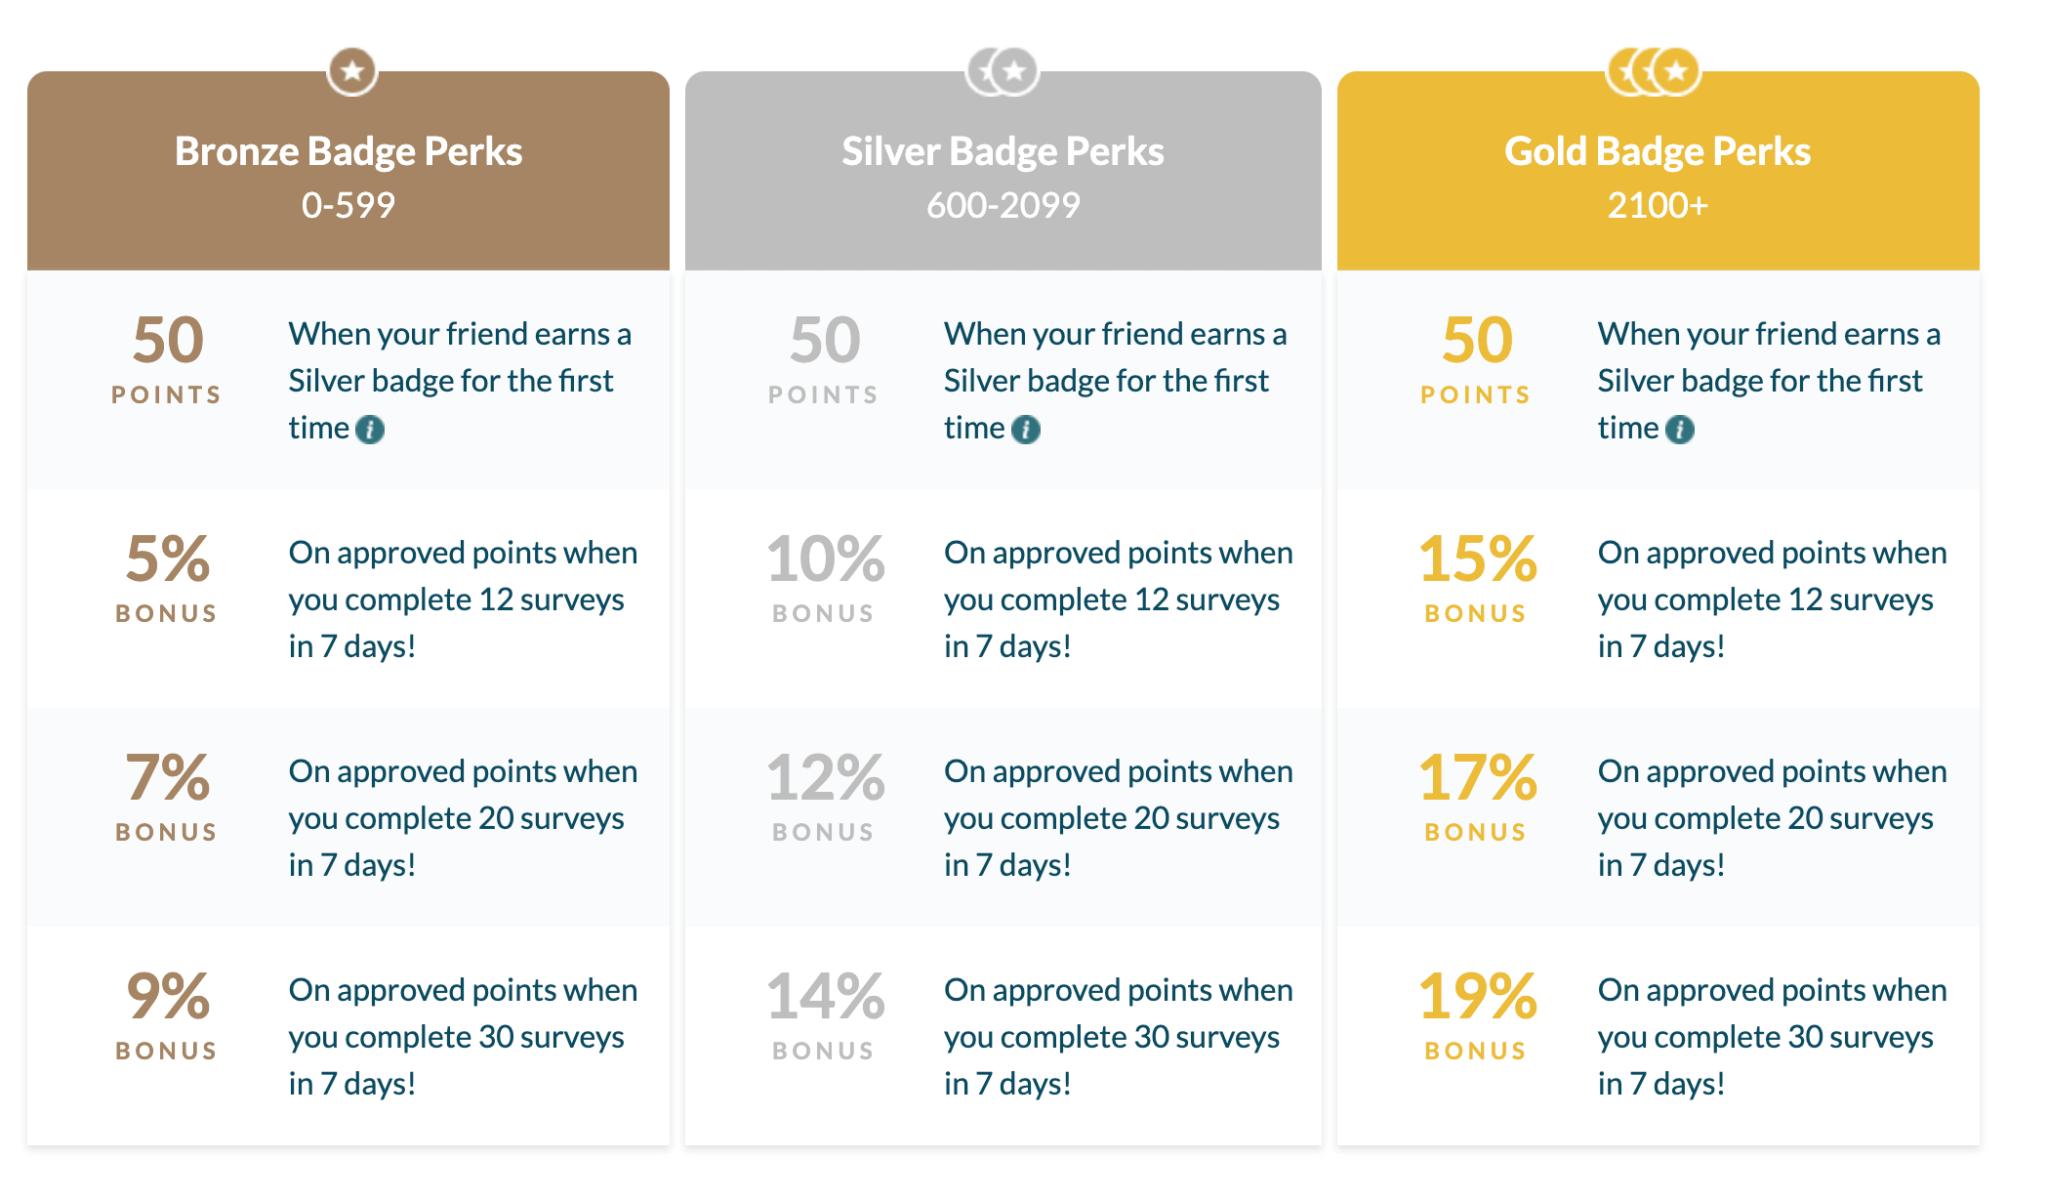 Badges on Branded Surveys